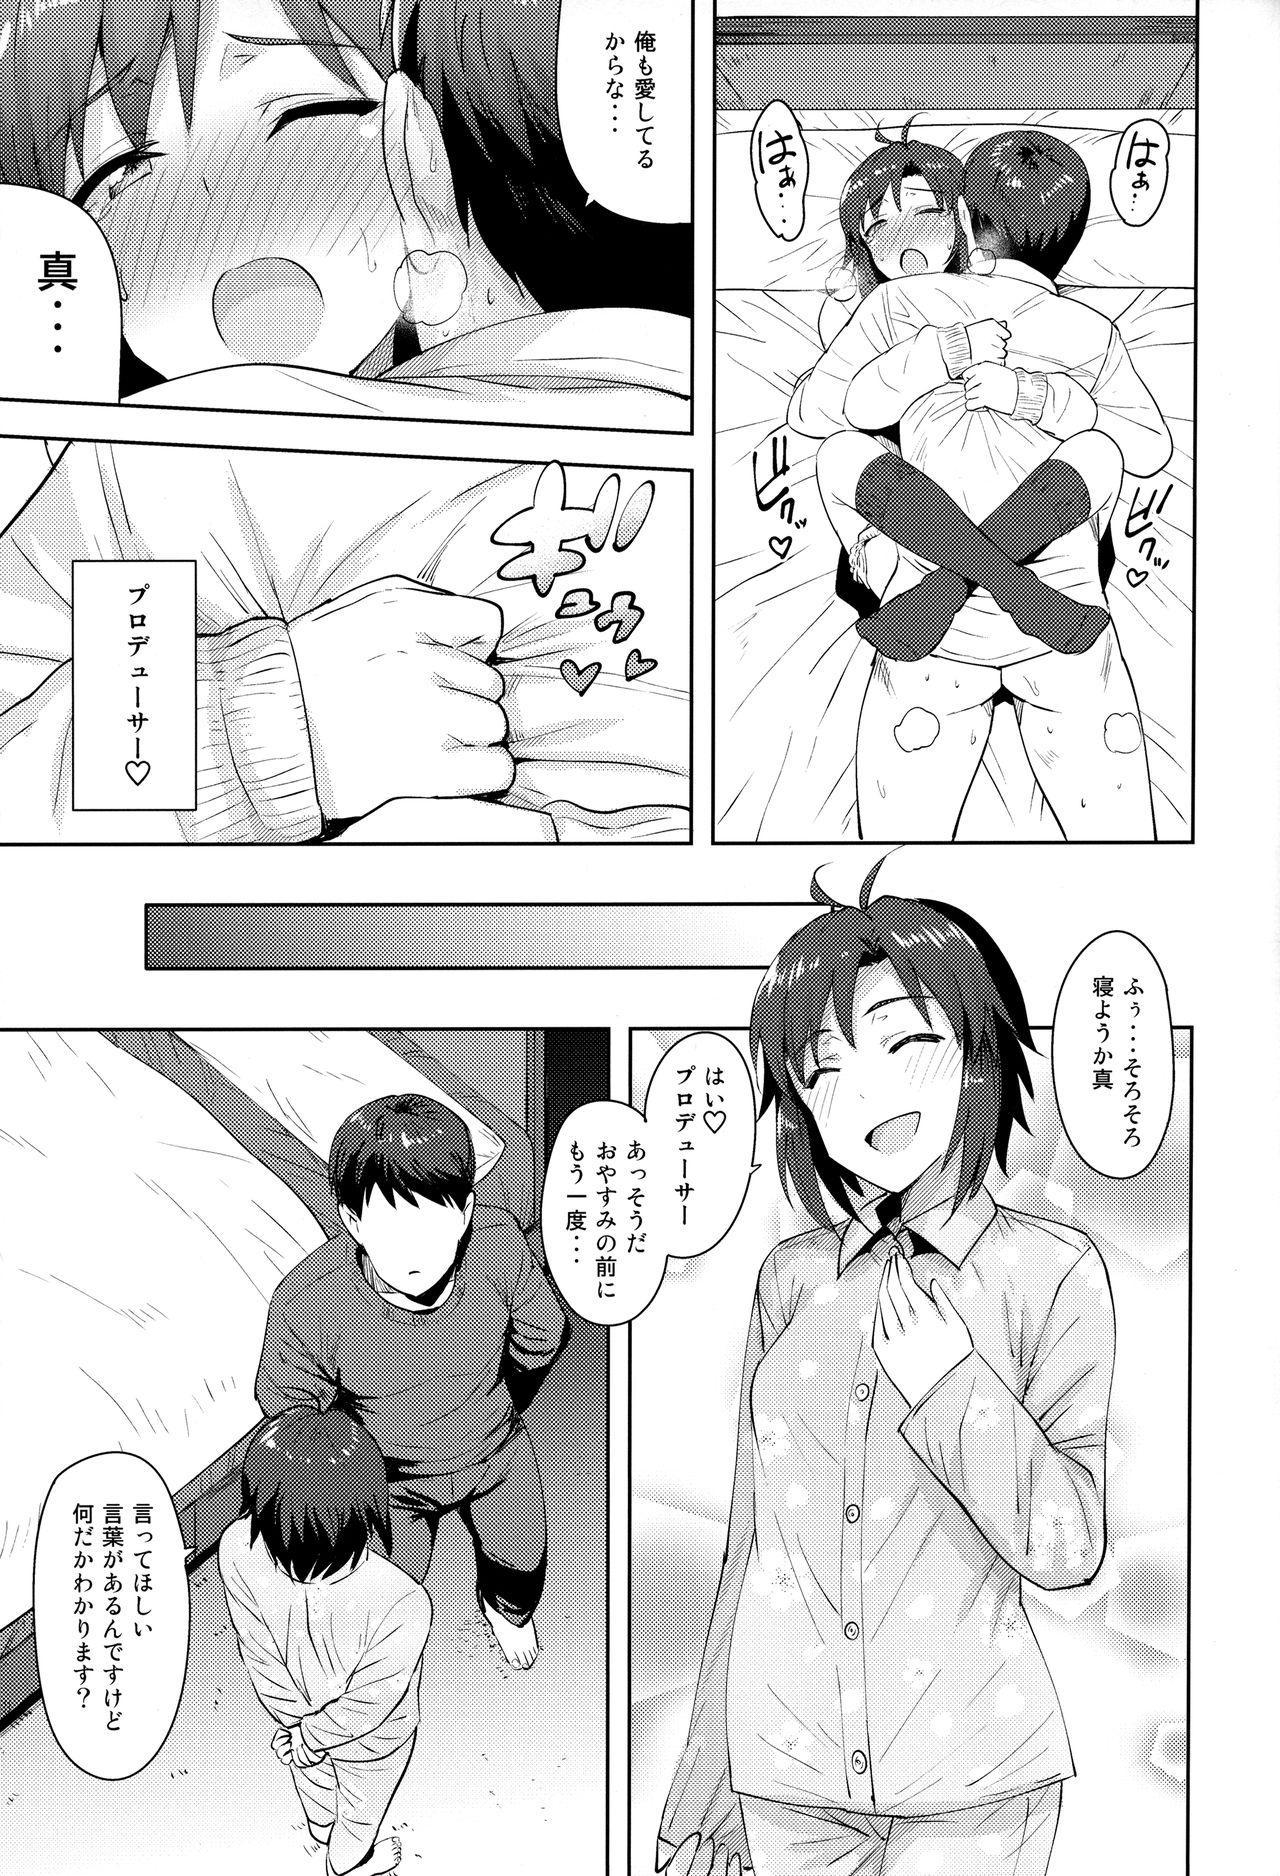 Makoto to Seifuku 31